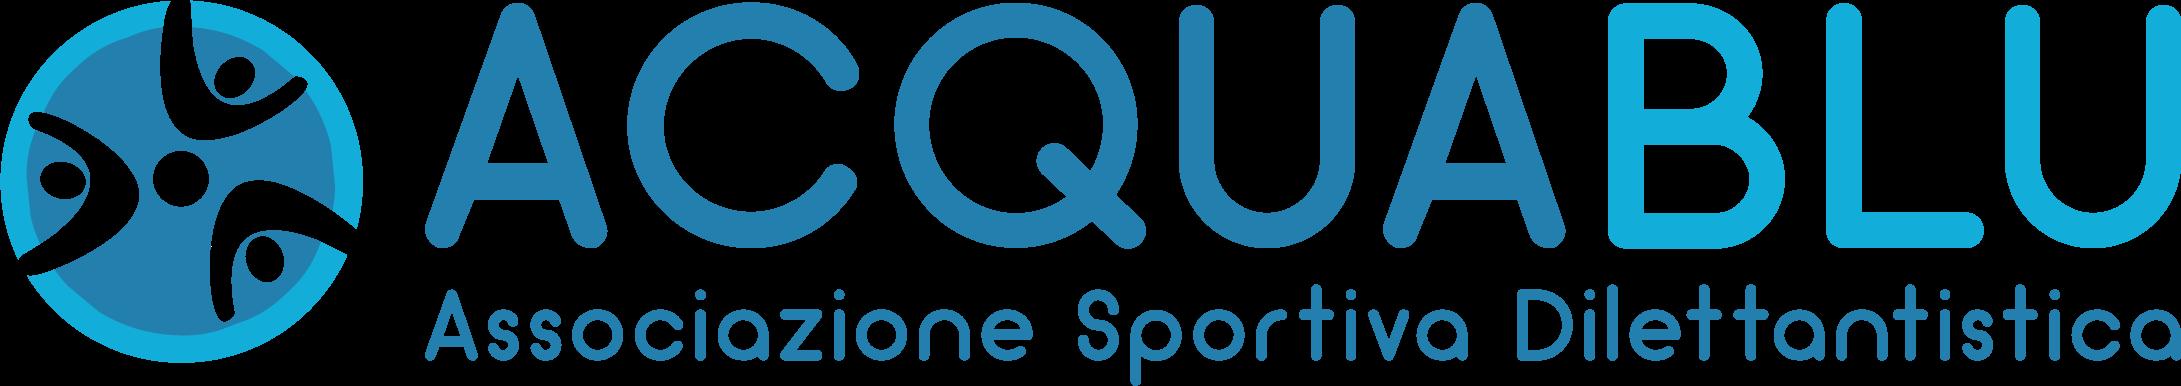 ACQUABLU Associazione Sportiva Dilettantistica